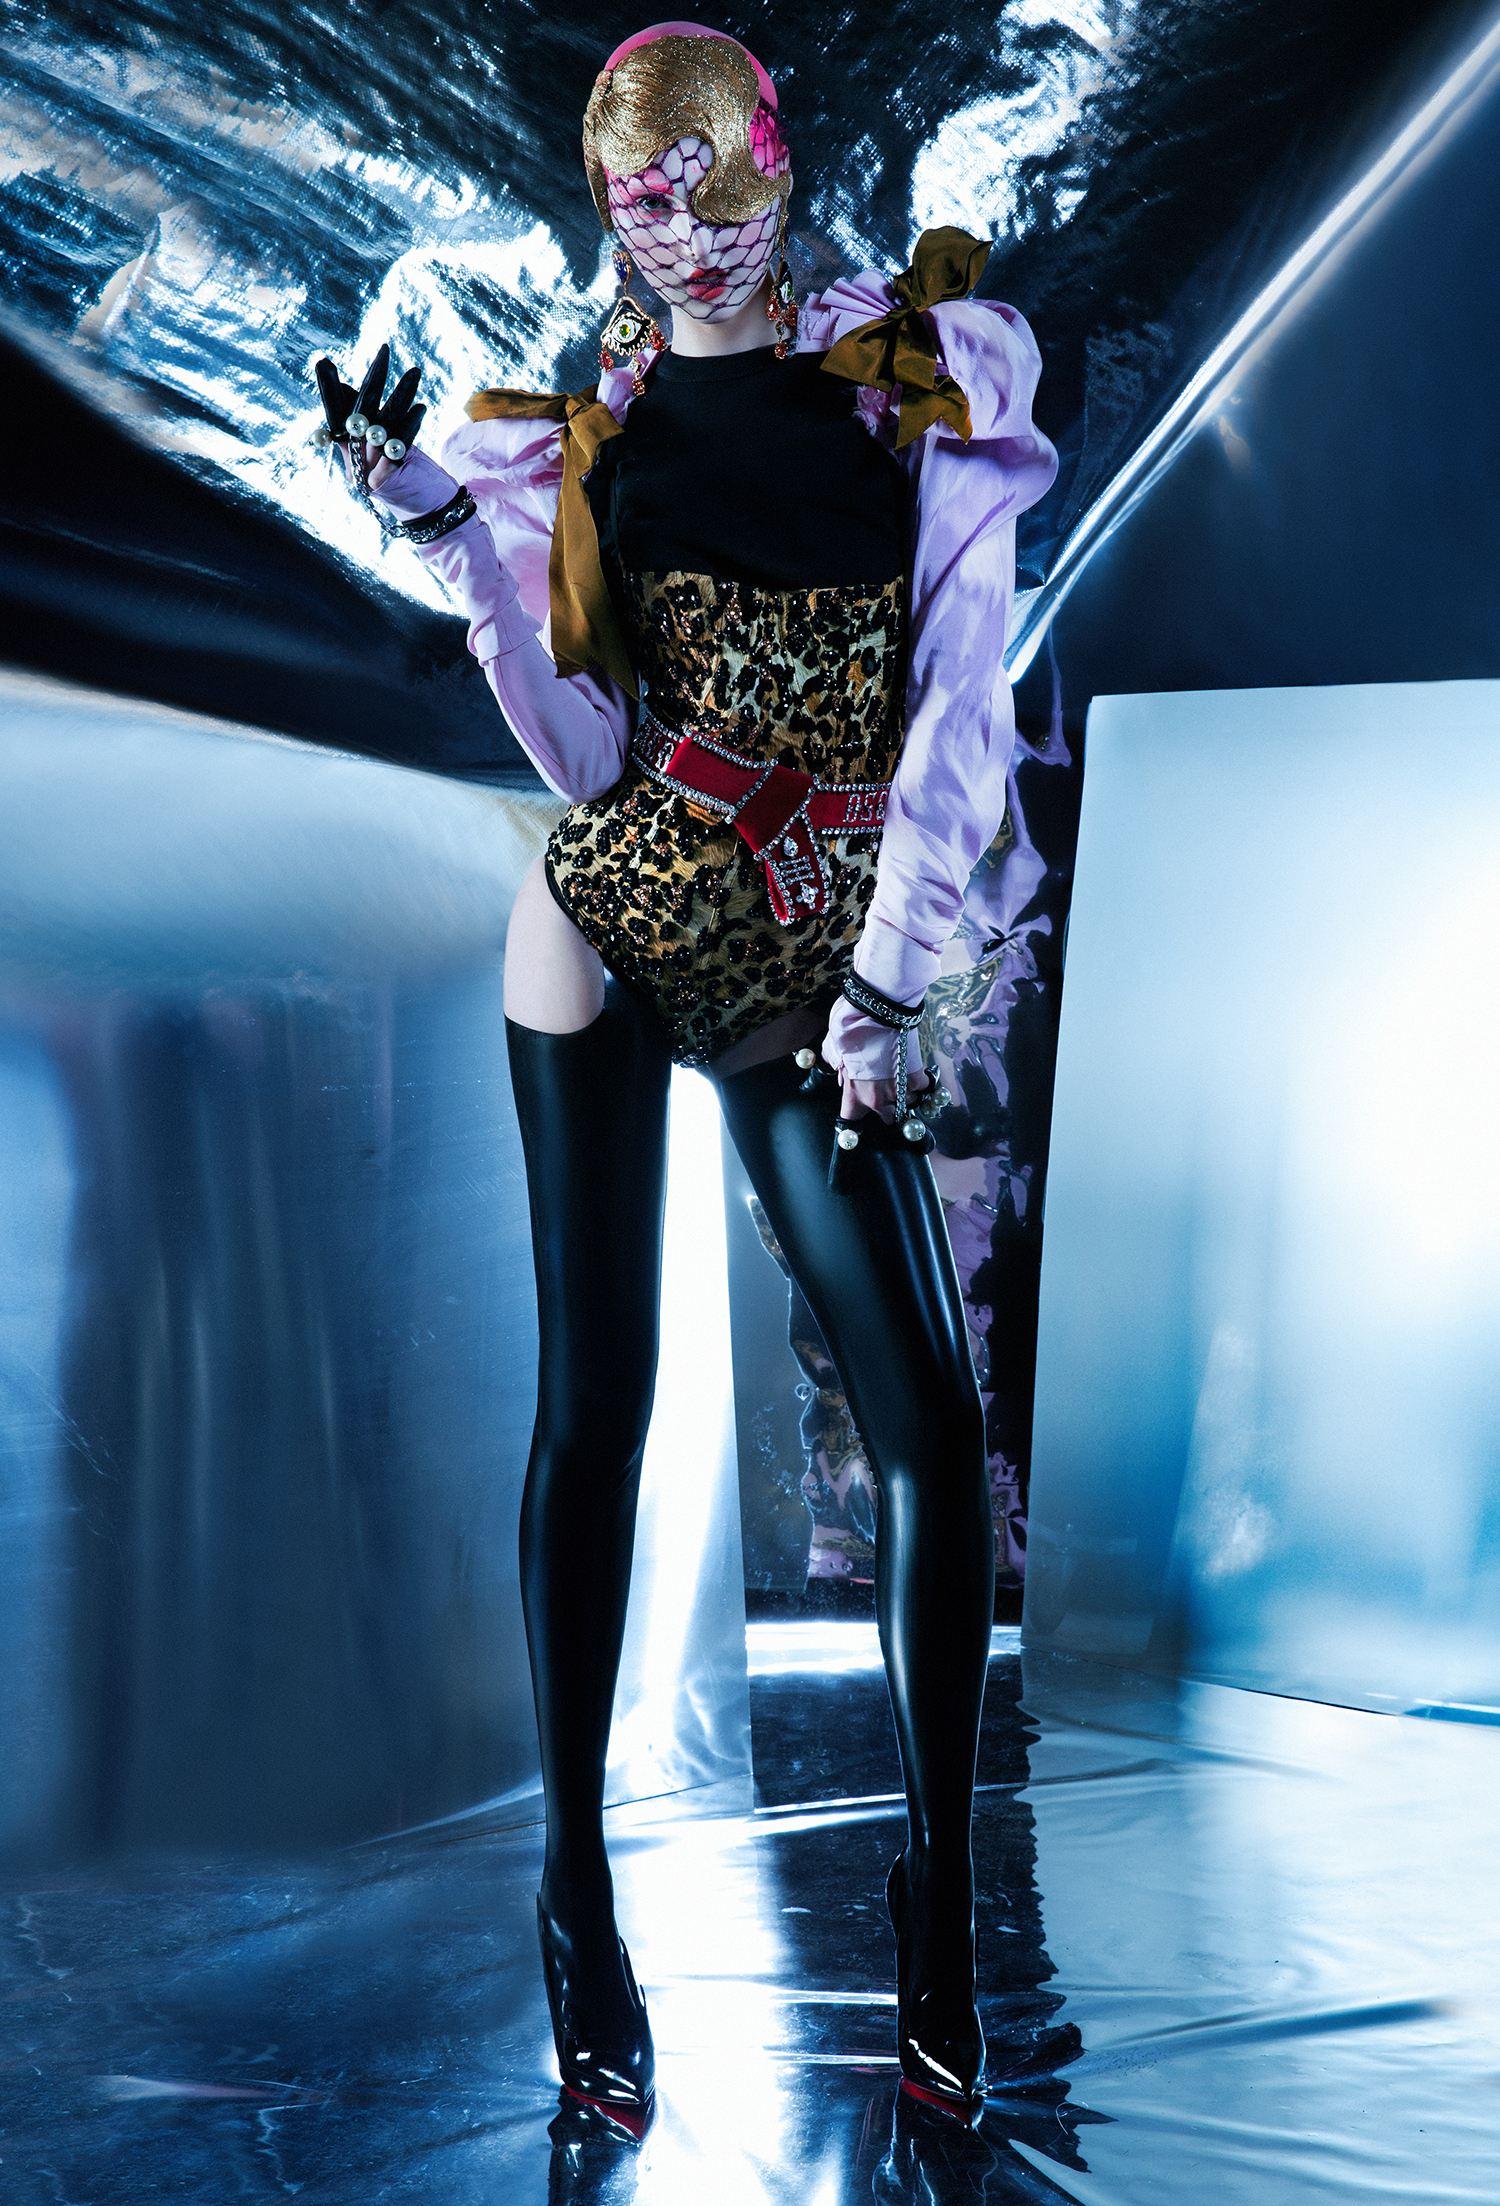 alien nation, fashion weird